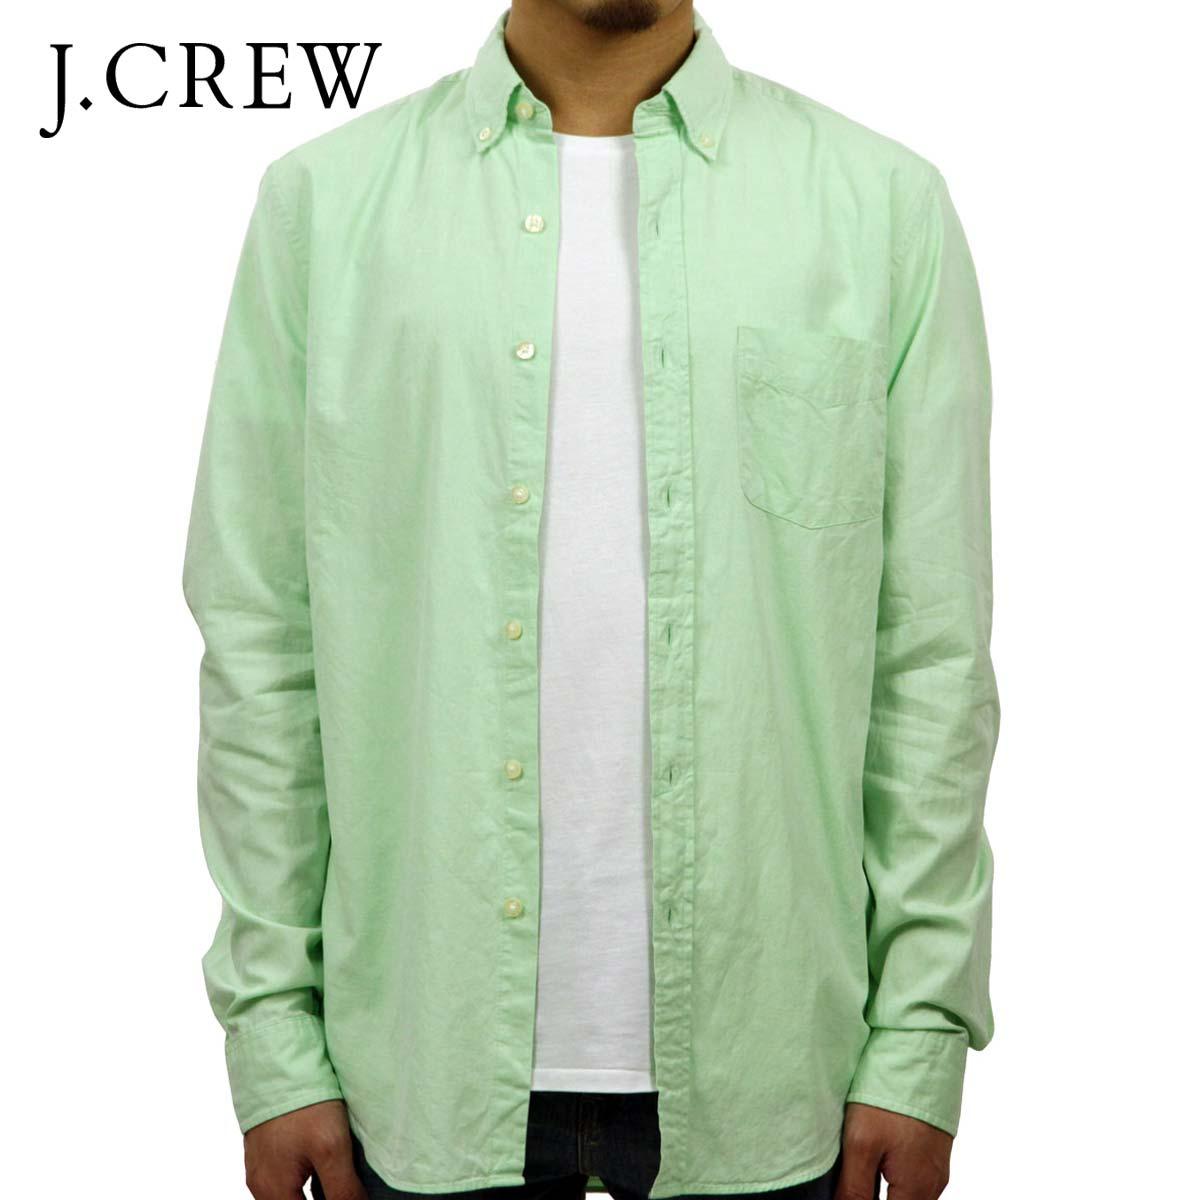 ジェイクルー シャツ メンズ 正規品 J.CREW 長袖シャツ ボタンダウンシャツ グリーン